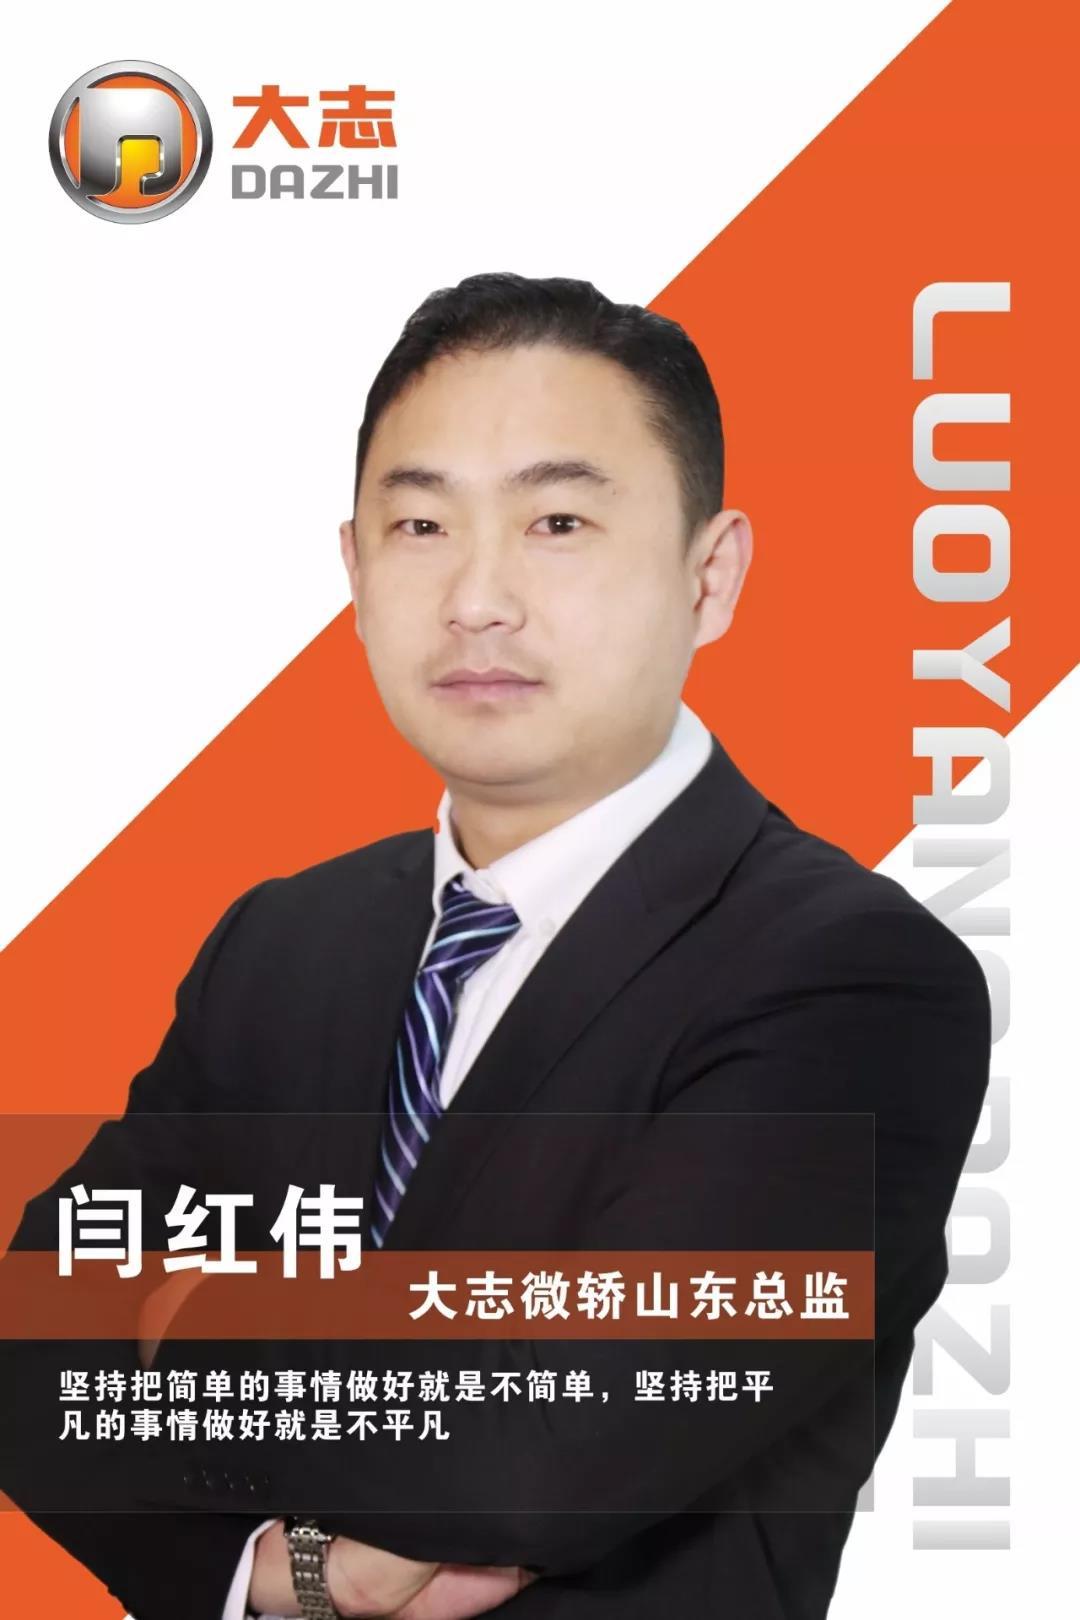 山东大区总监闫红伟.jpg